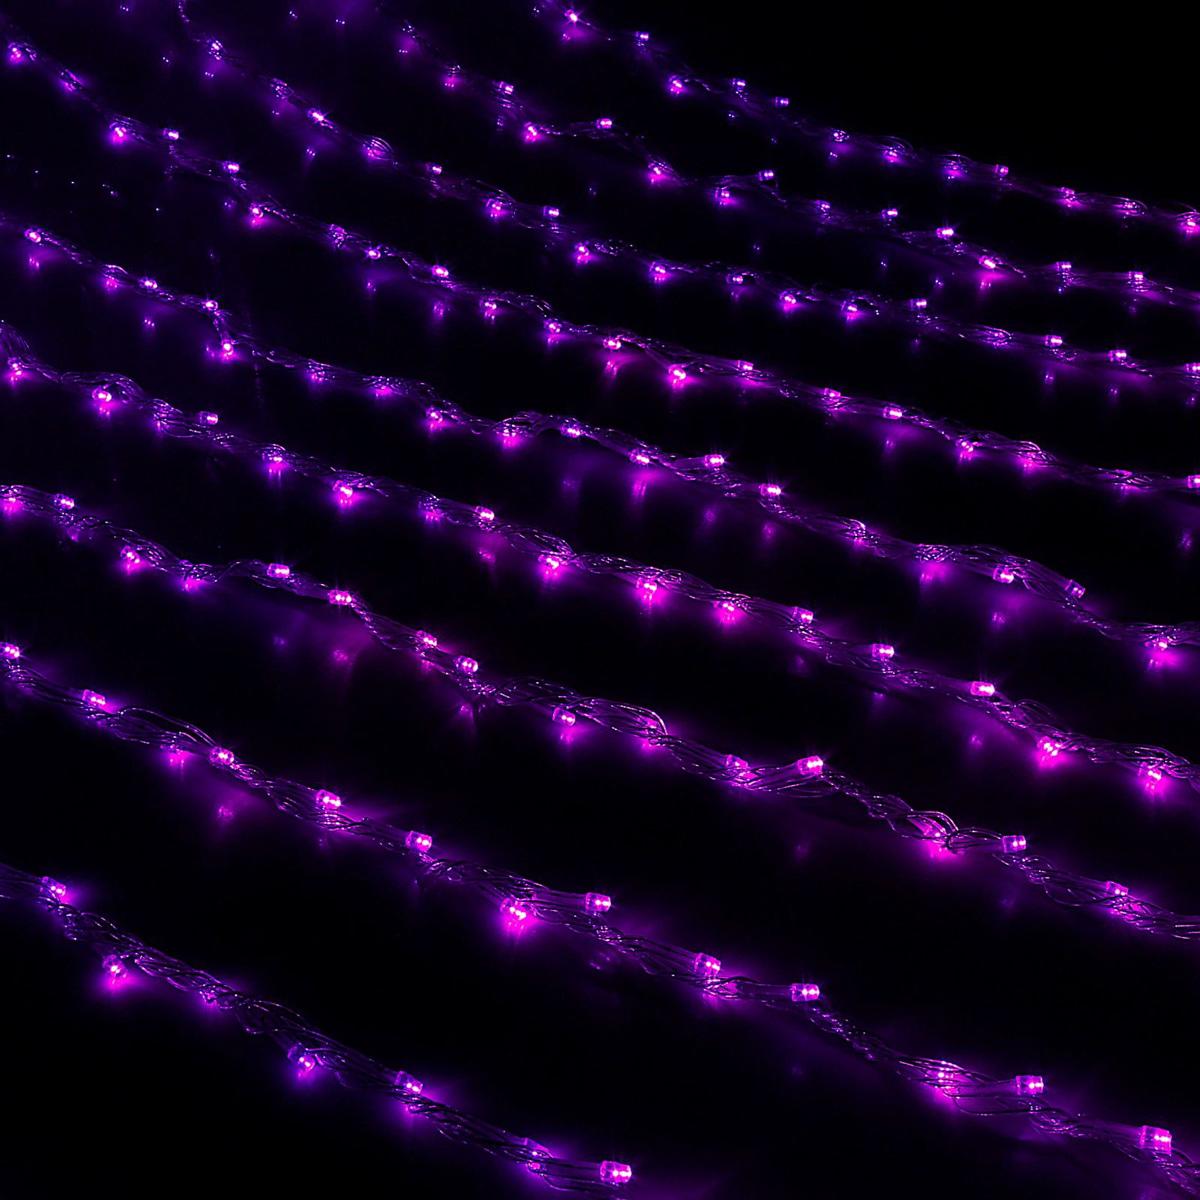 Гирлянда светодиодная Luazon Дождь, уличная, 8 режимов, 800 ламп, 220 V, цвет: фиолетовый, 2 х 3 м. 187301187301Светодиодные гирлянды, ленты и т.д — это отличный вариант для новогоднего оформления интерьера или фасада. С их помощью помещение любого размера можно превратить в праздничный зал, а внешние элементы зданий, украшенные ими, мгновенно станут напоминать очертания сказочного дворца. Такие украшения создают ауру предвкушения чуда. Деревья, фасады, витрины, окна и арки будто специально созданы, чтобы вы украсили их светящимися нитями.